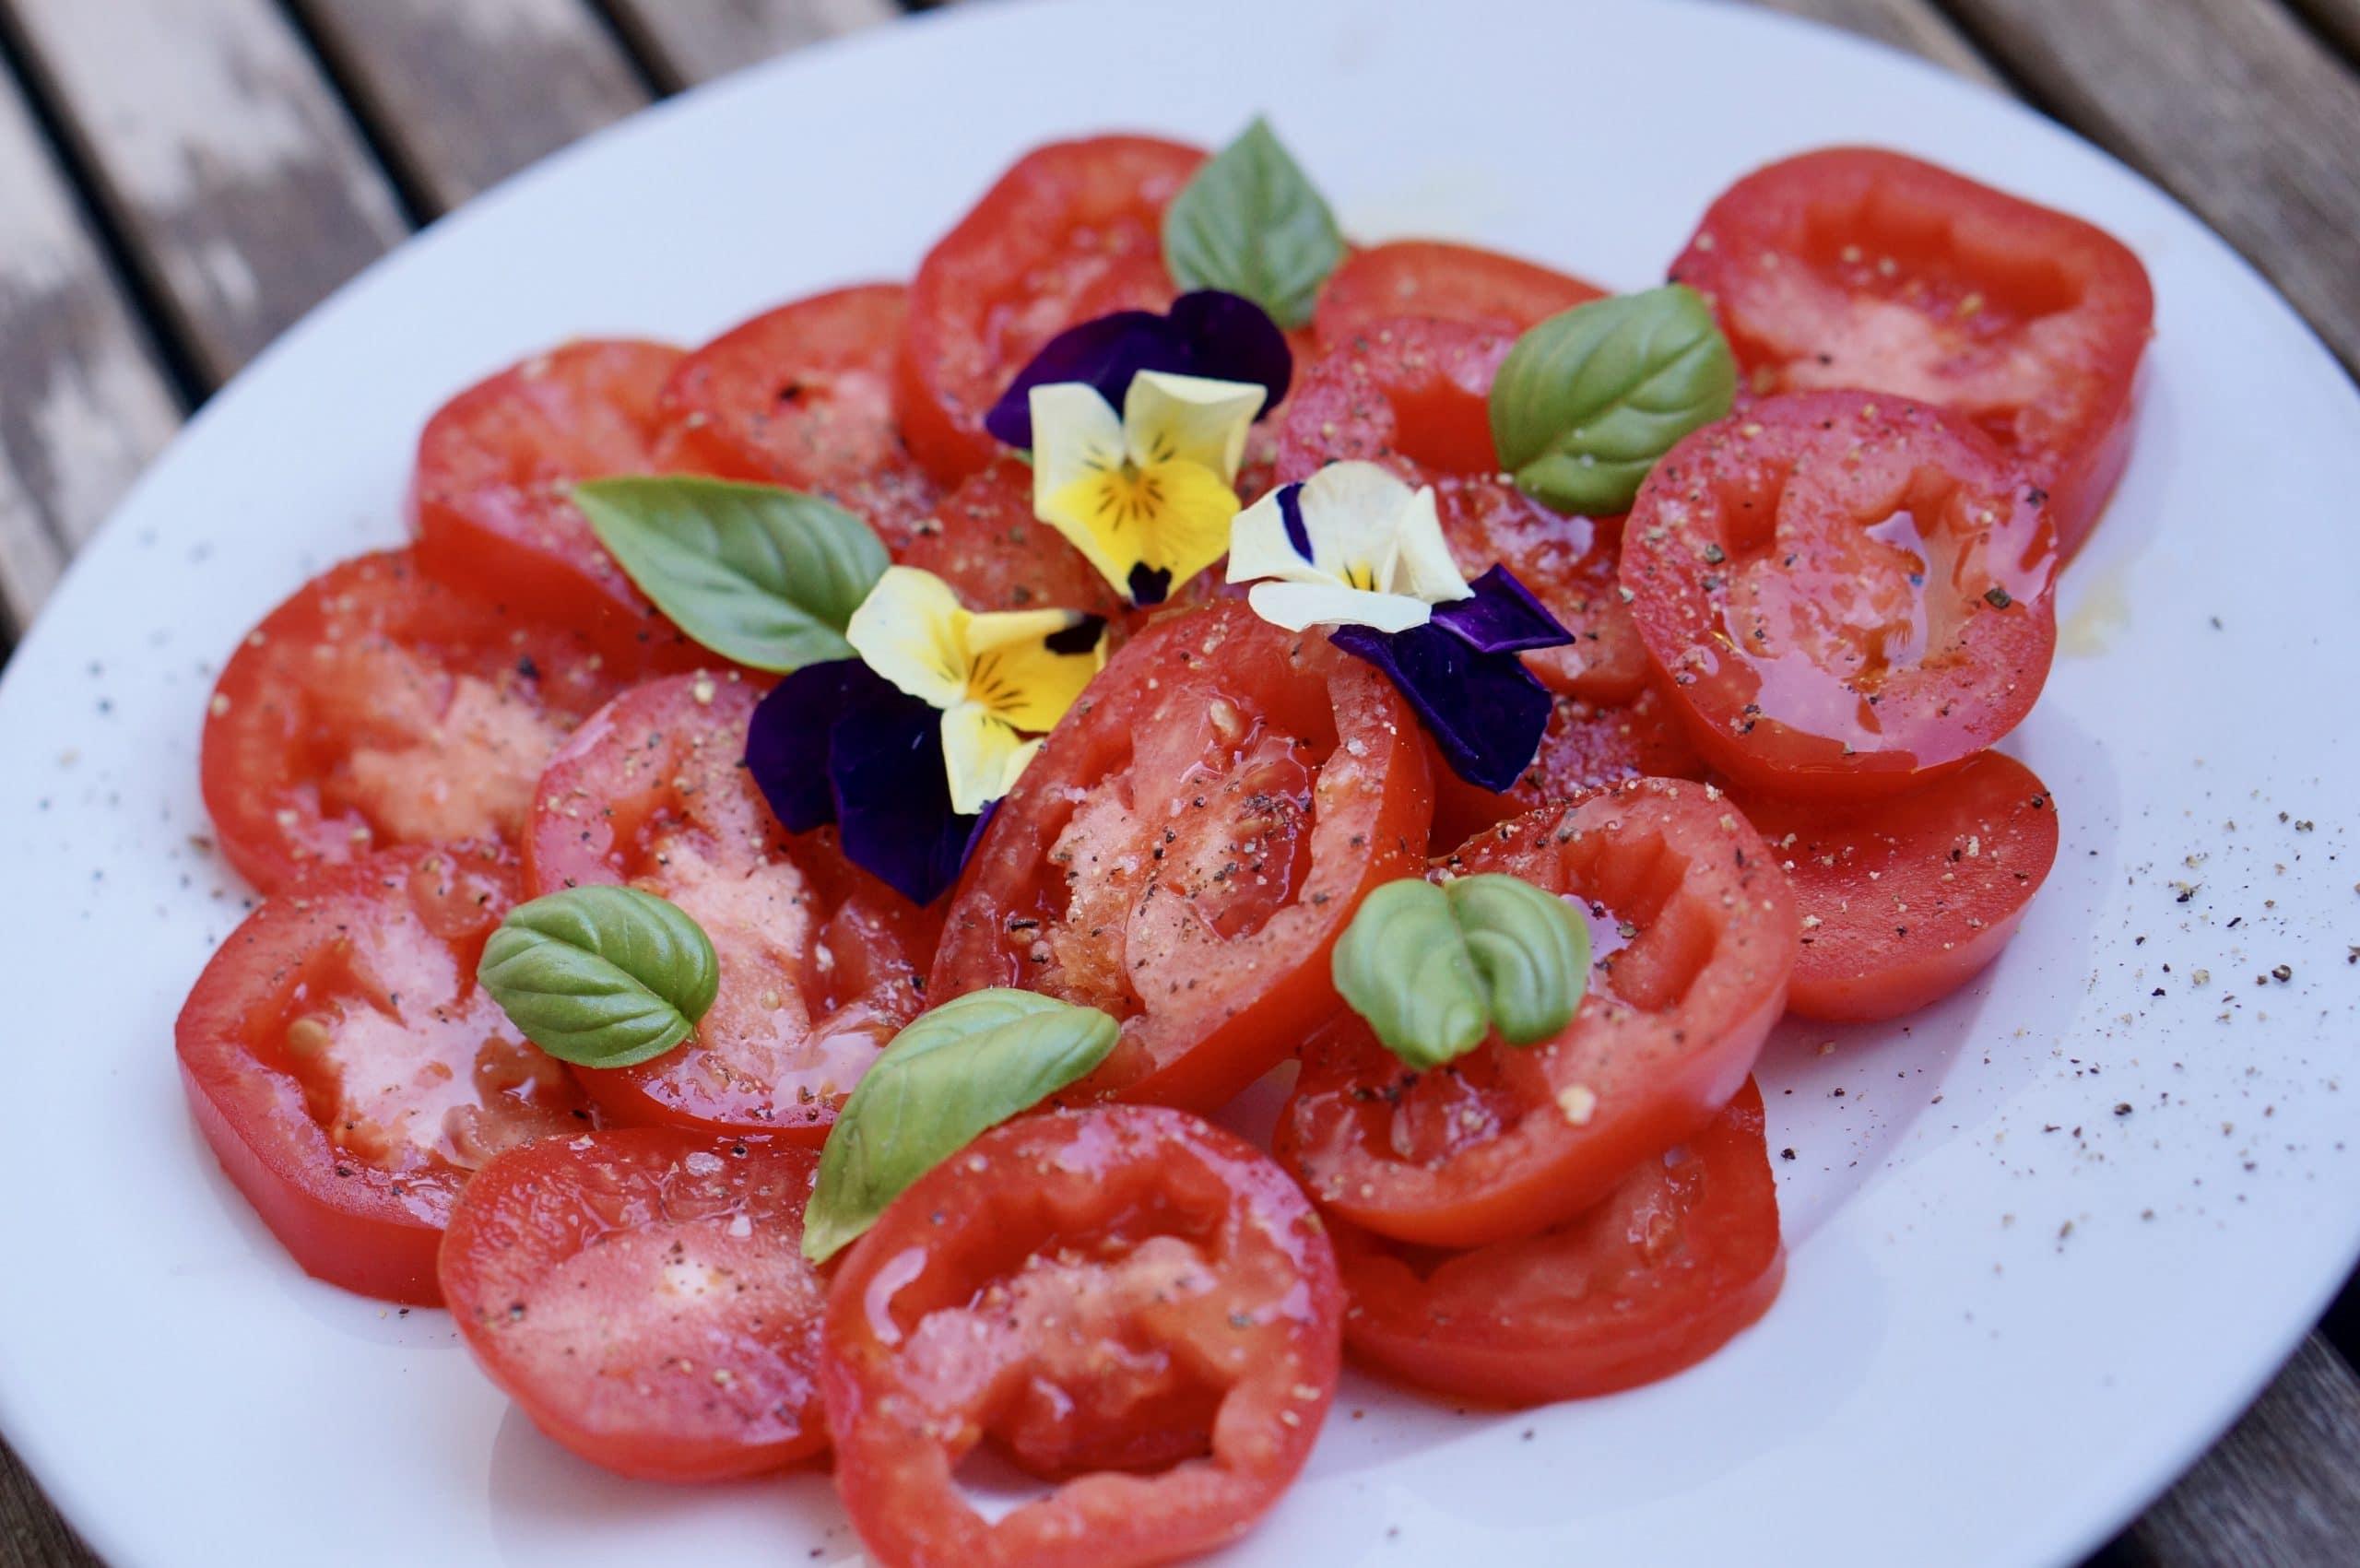 tomates, salade, tomatoes, salad, sa marzano